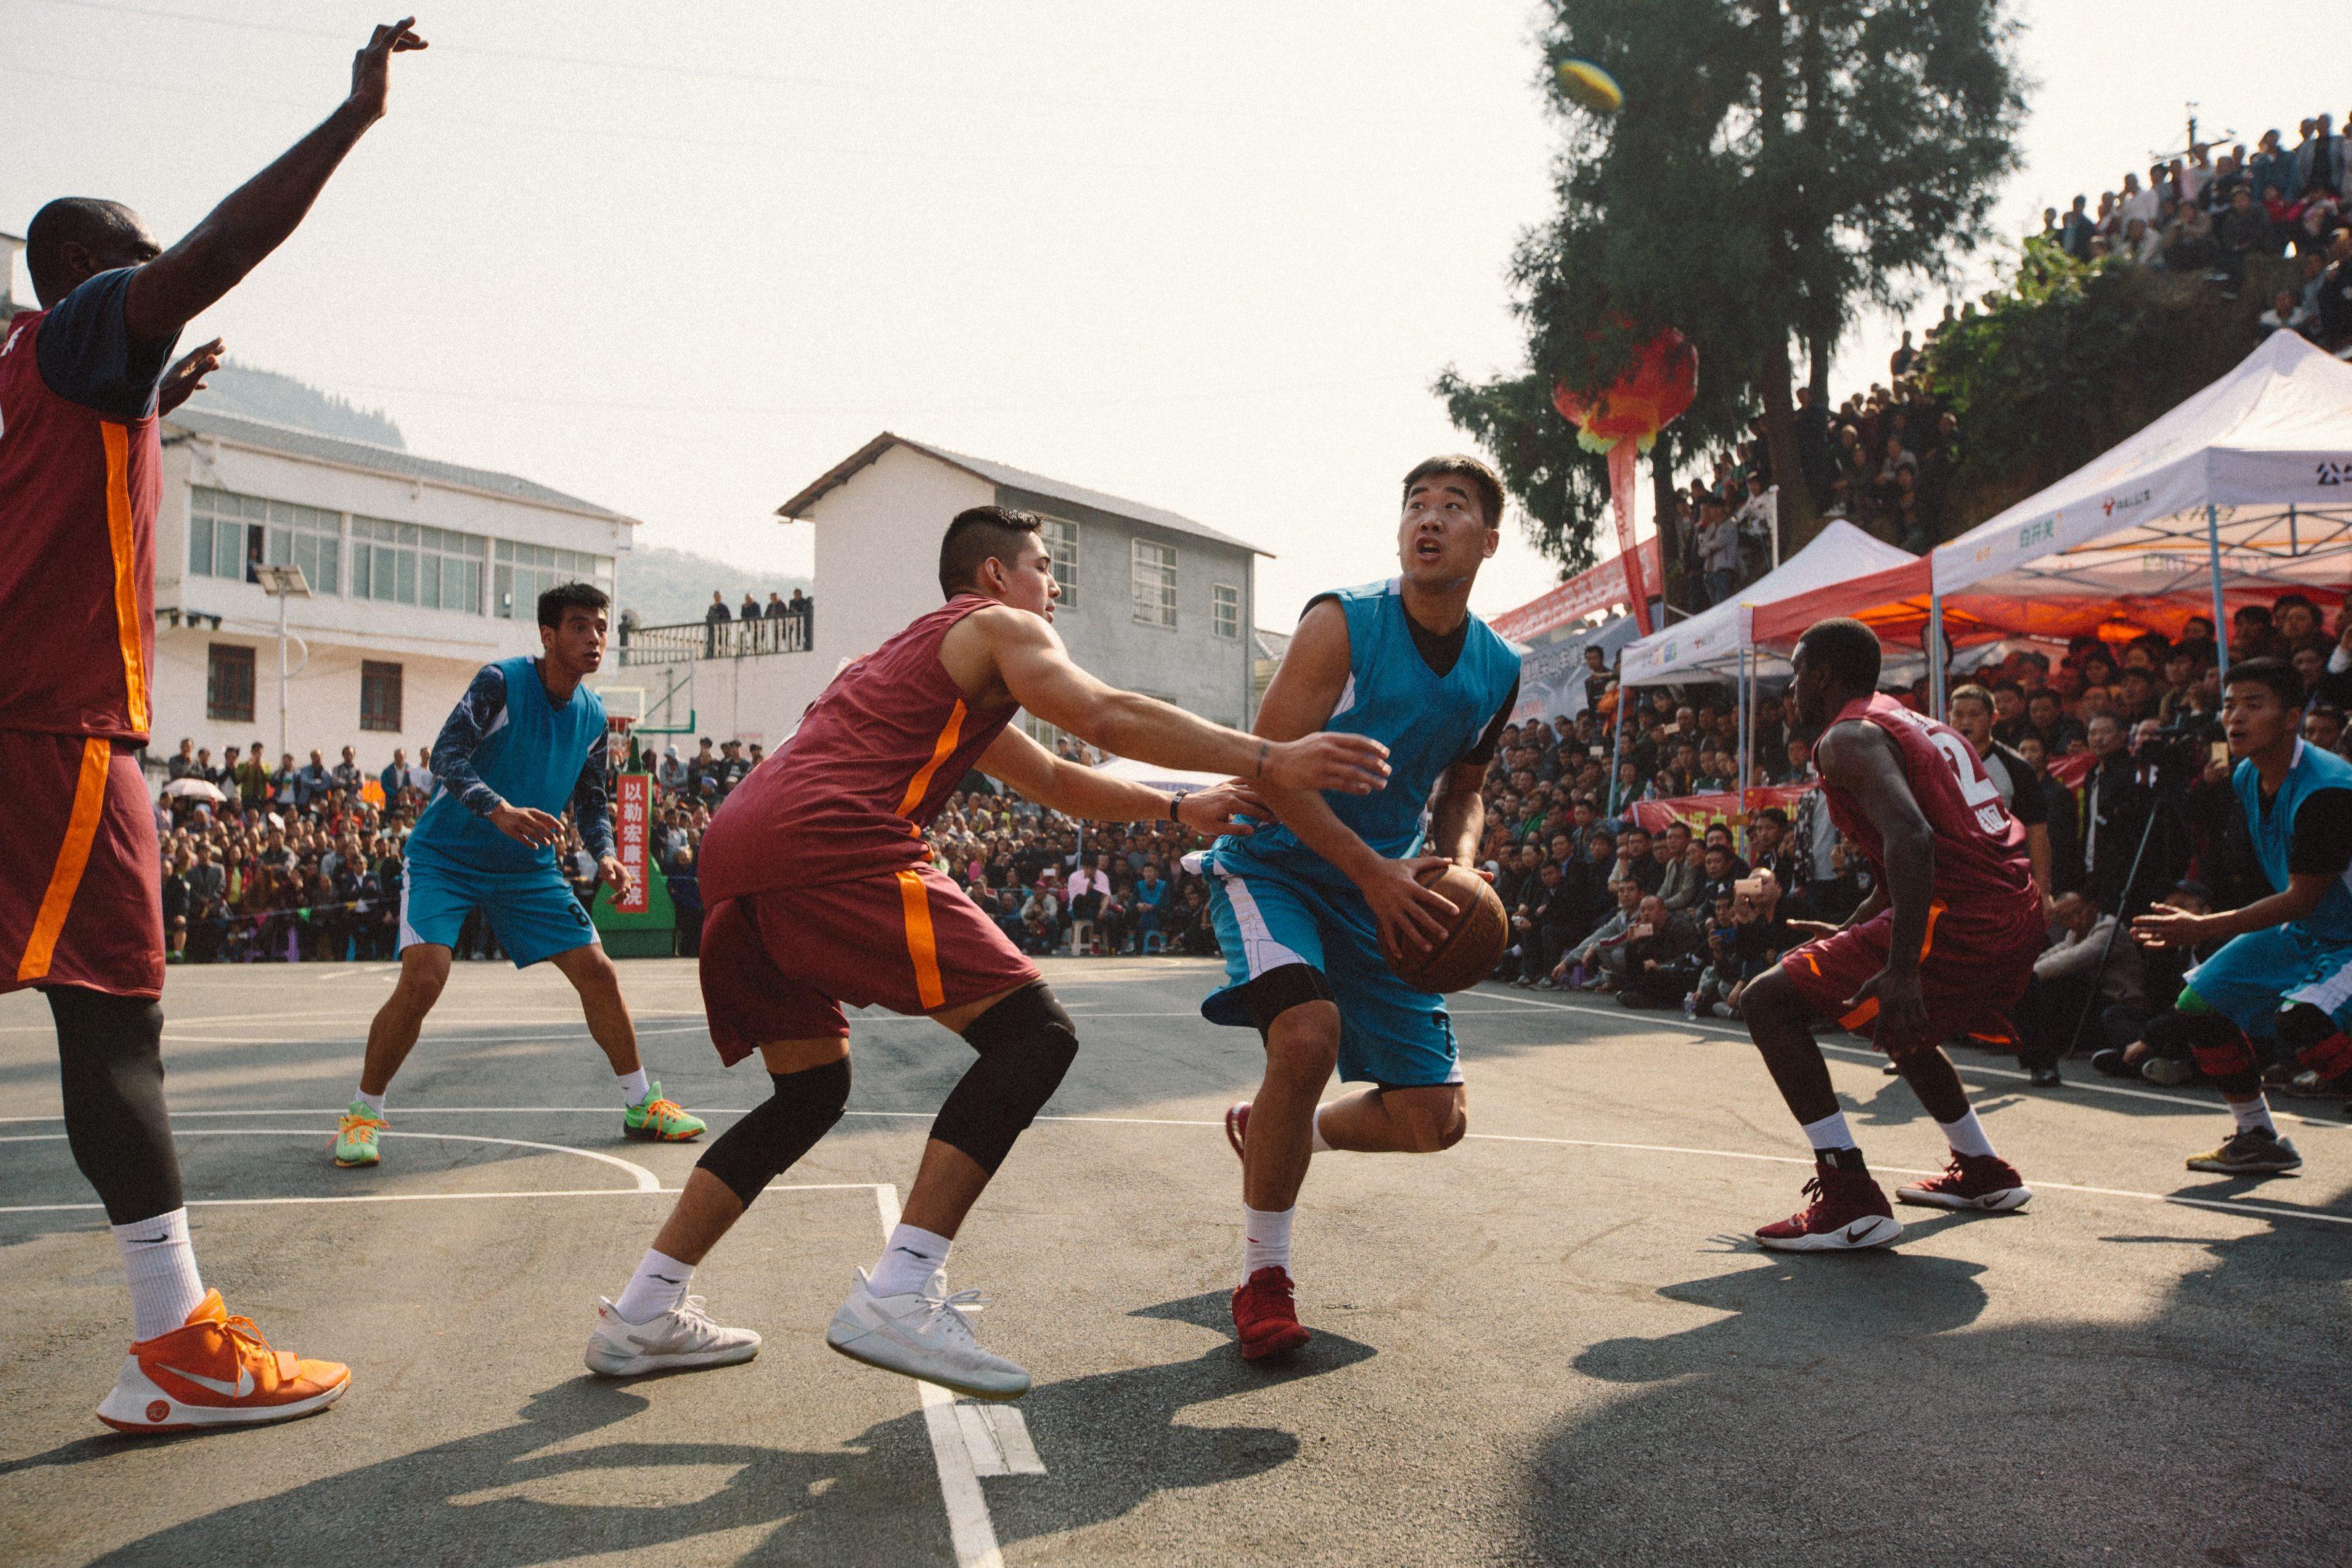 Wildball | China's Underground Basketball Scene